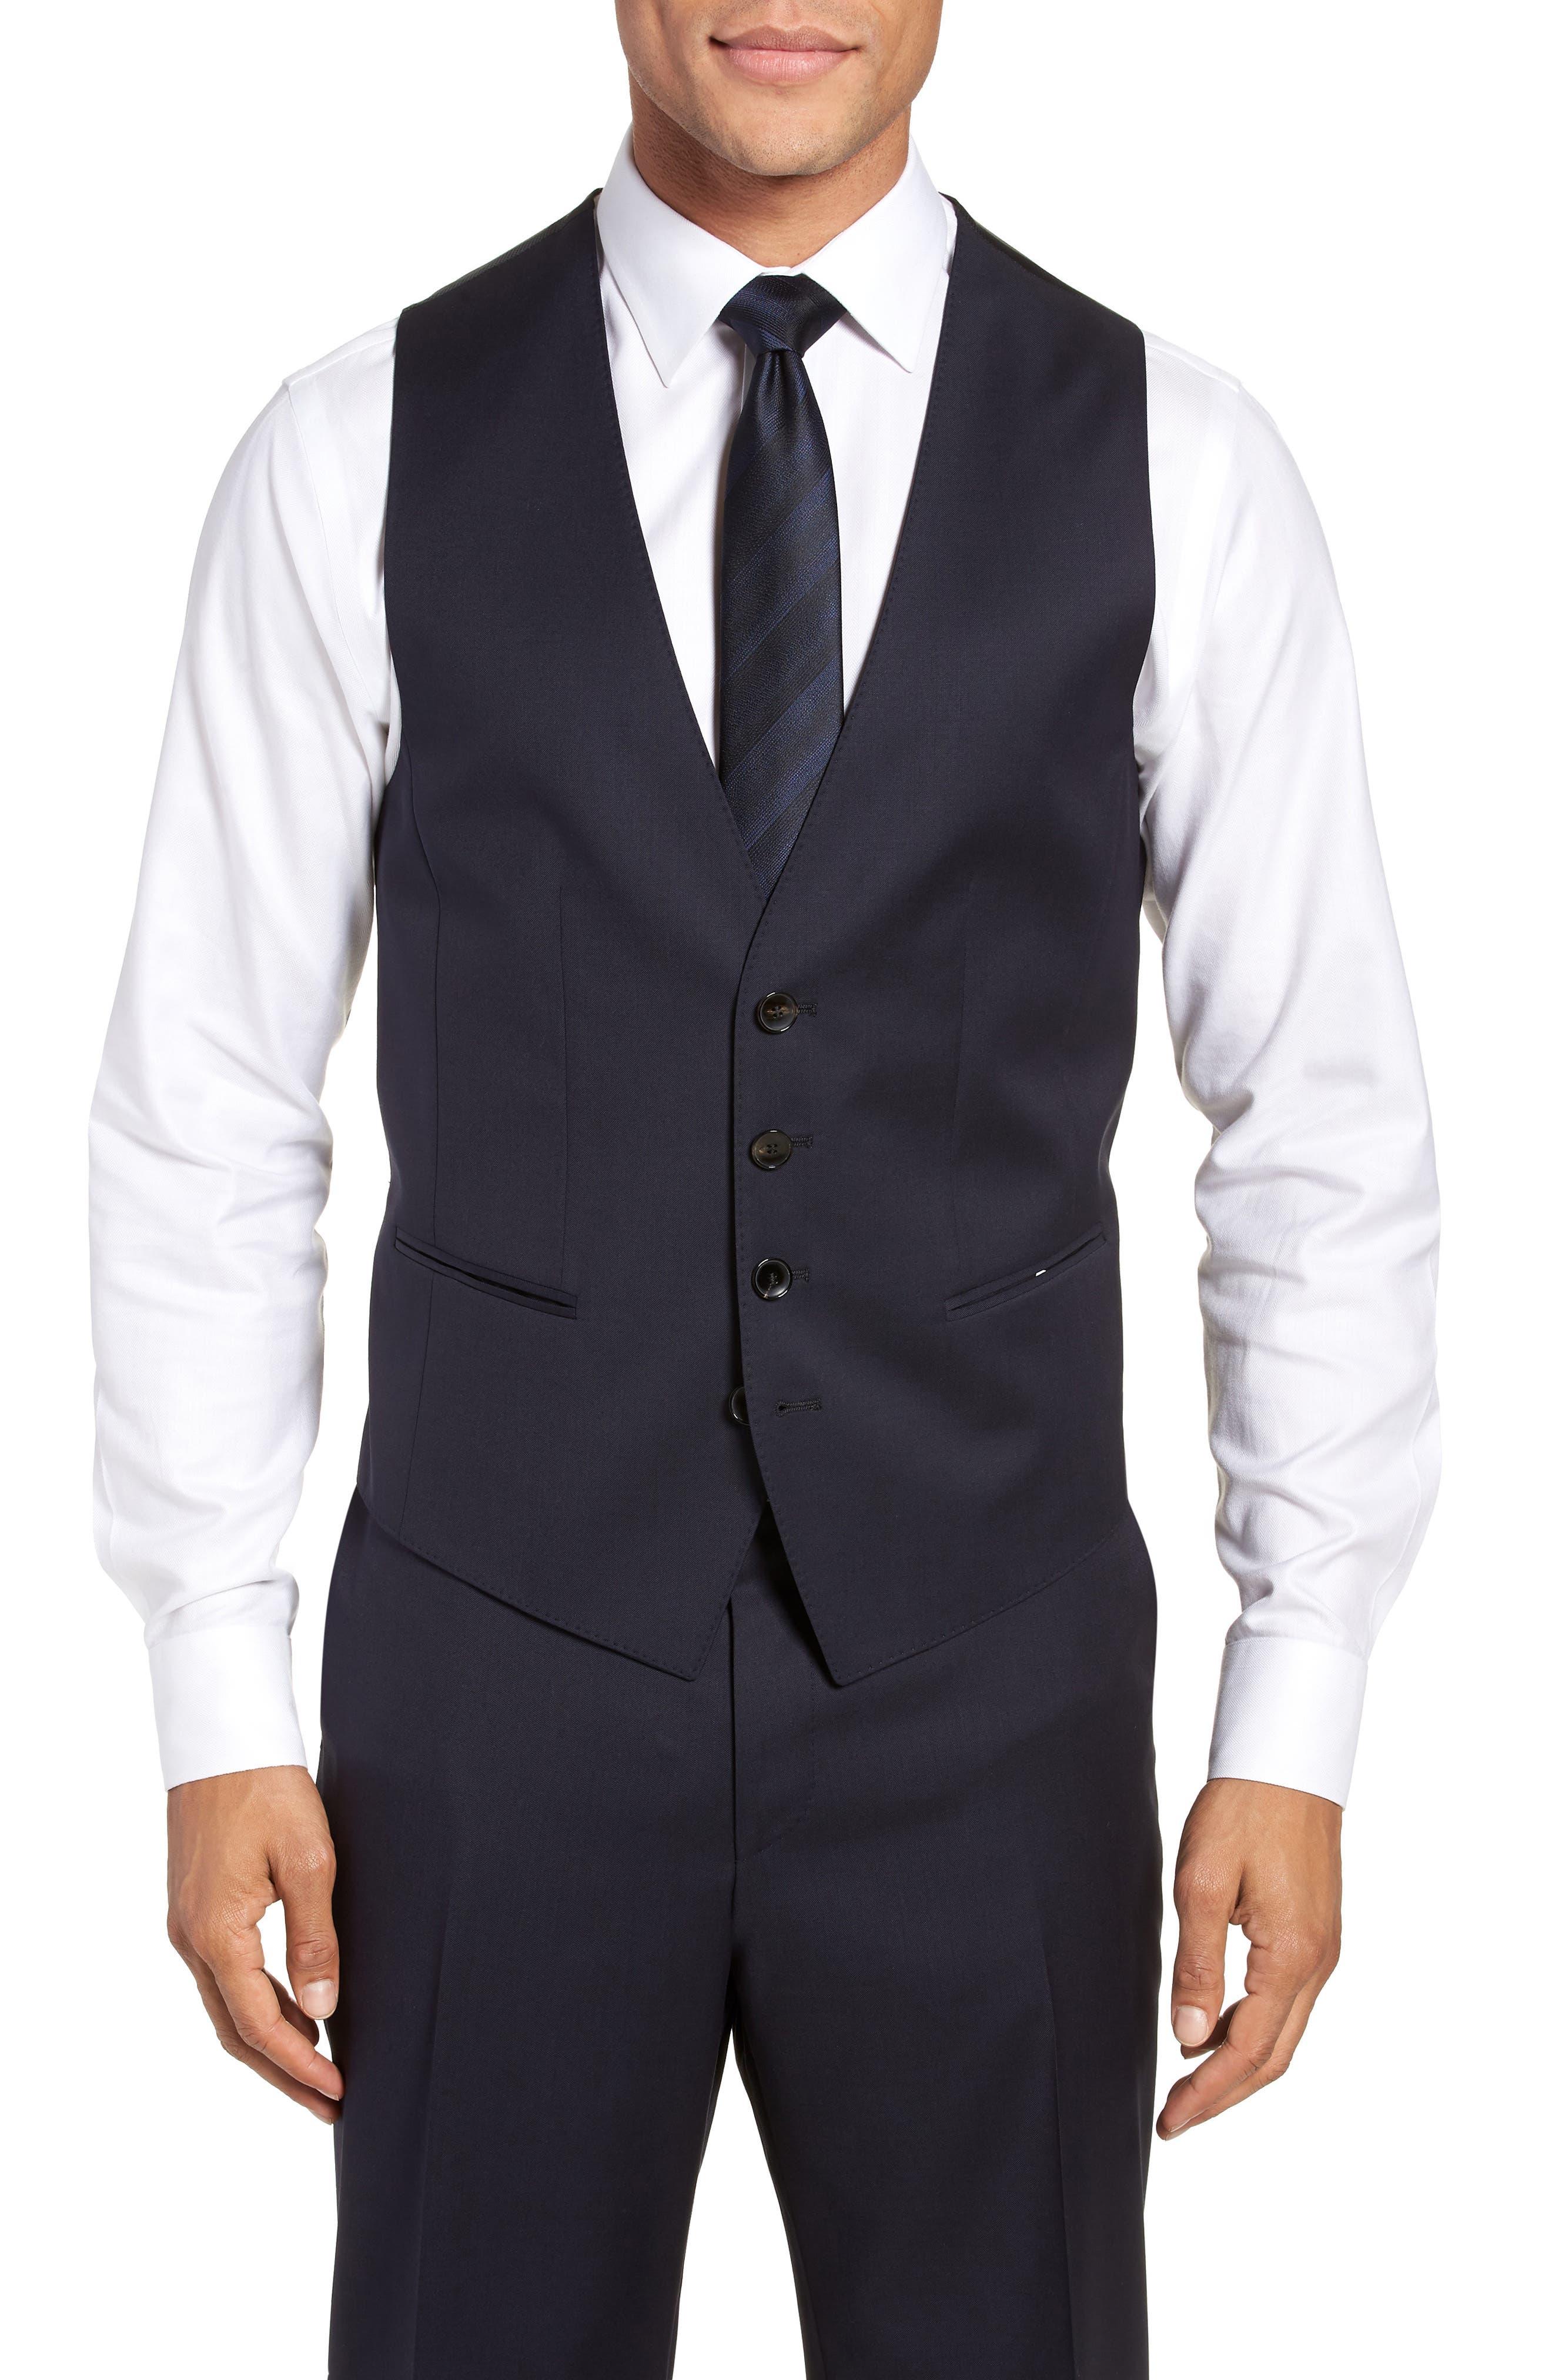 Wilson CYL Trim Fit Vest,                         Main,                         color, Dark Blue